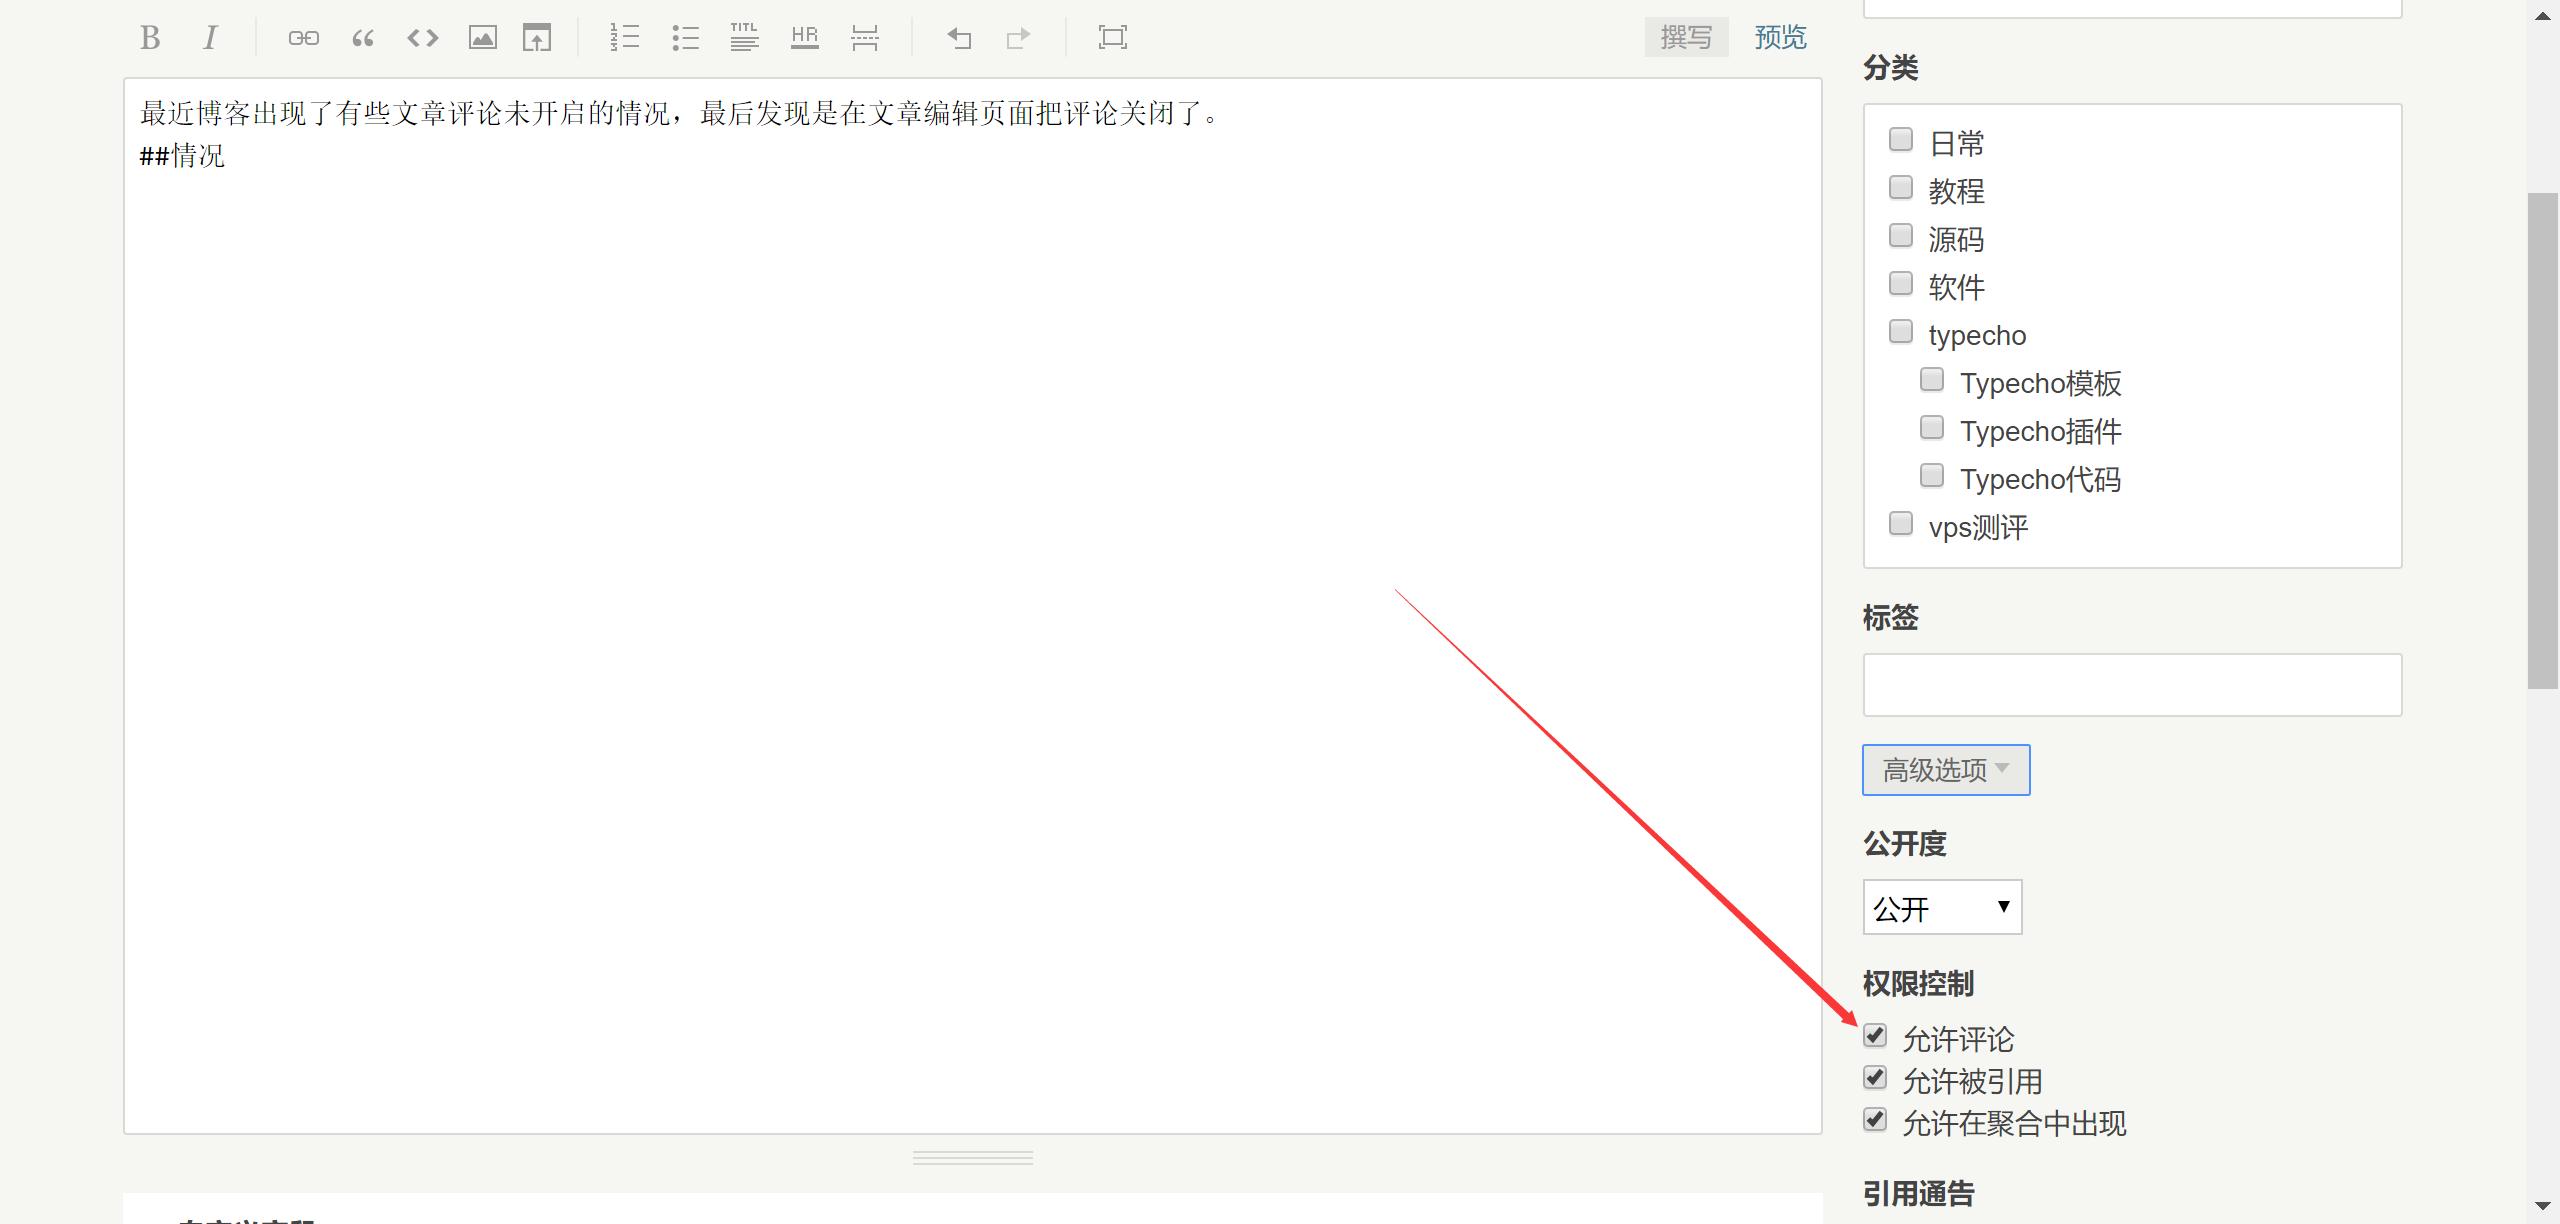 关于typecho文章出现文章已经关闭评论的现象